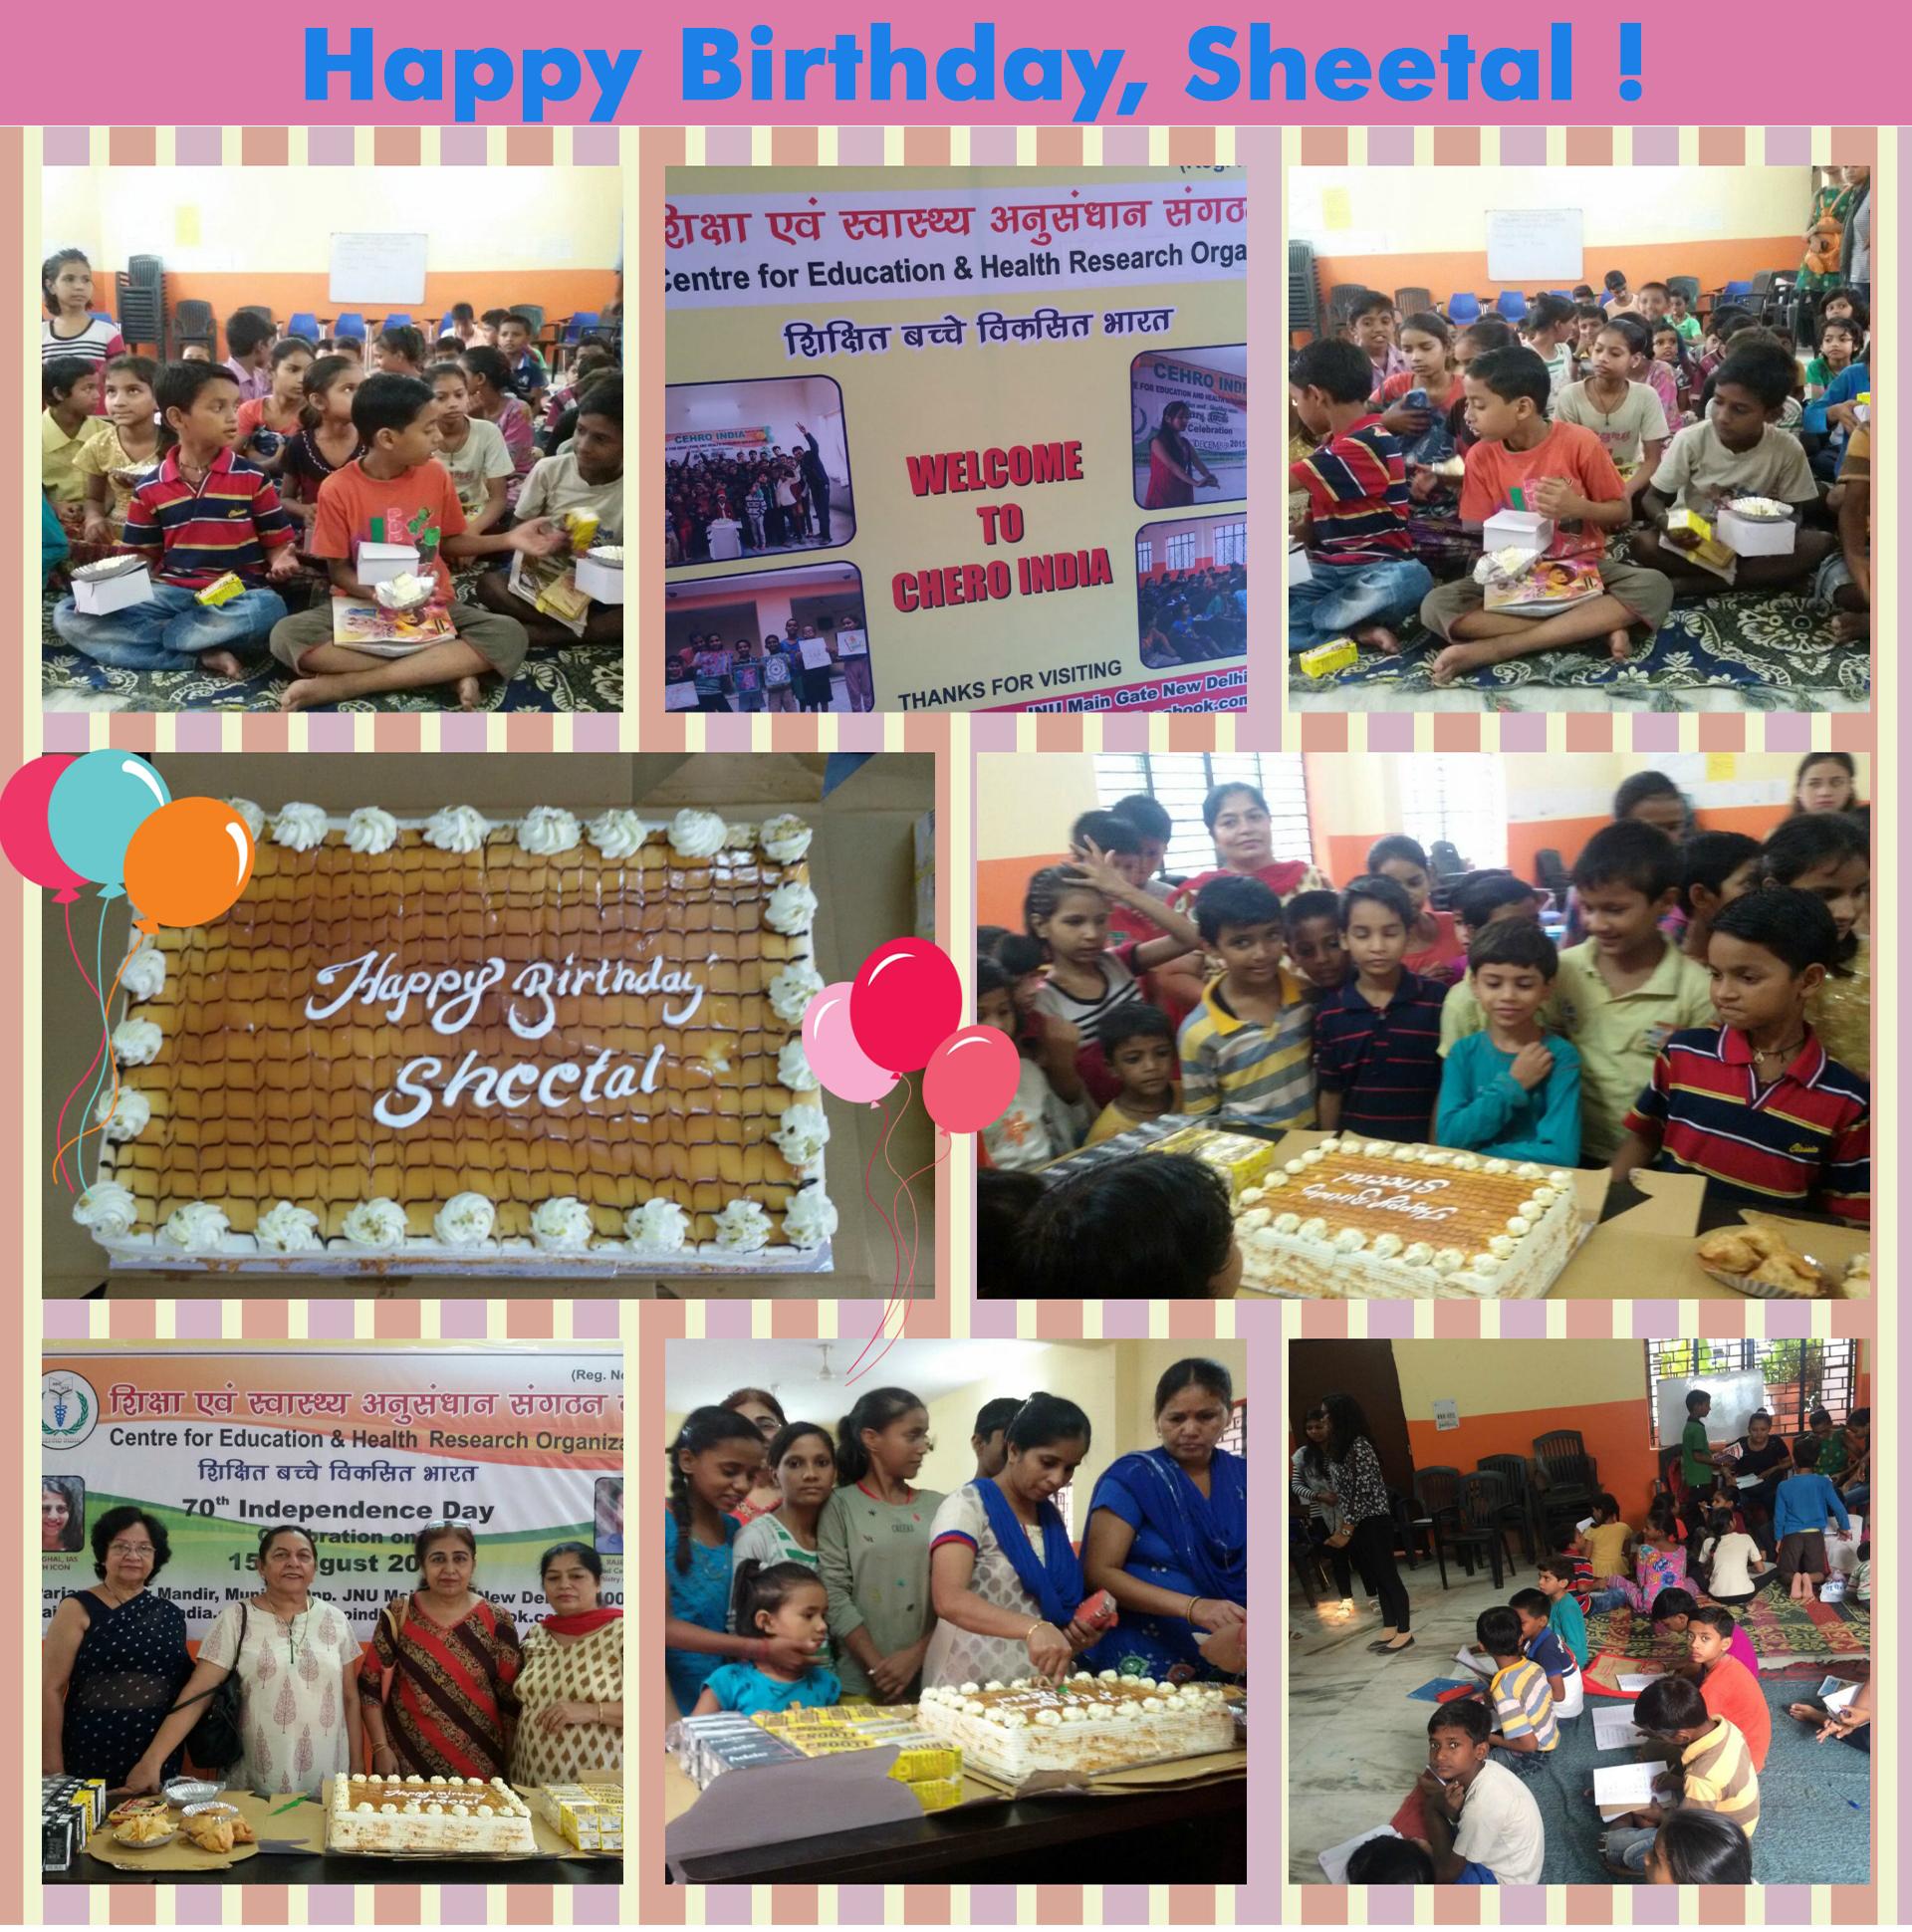 Cake_Collage_Sheetal